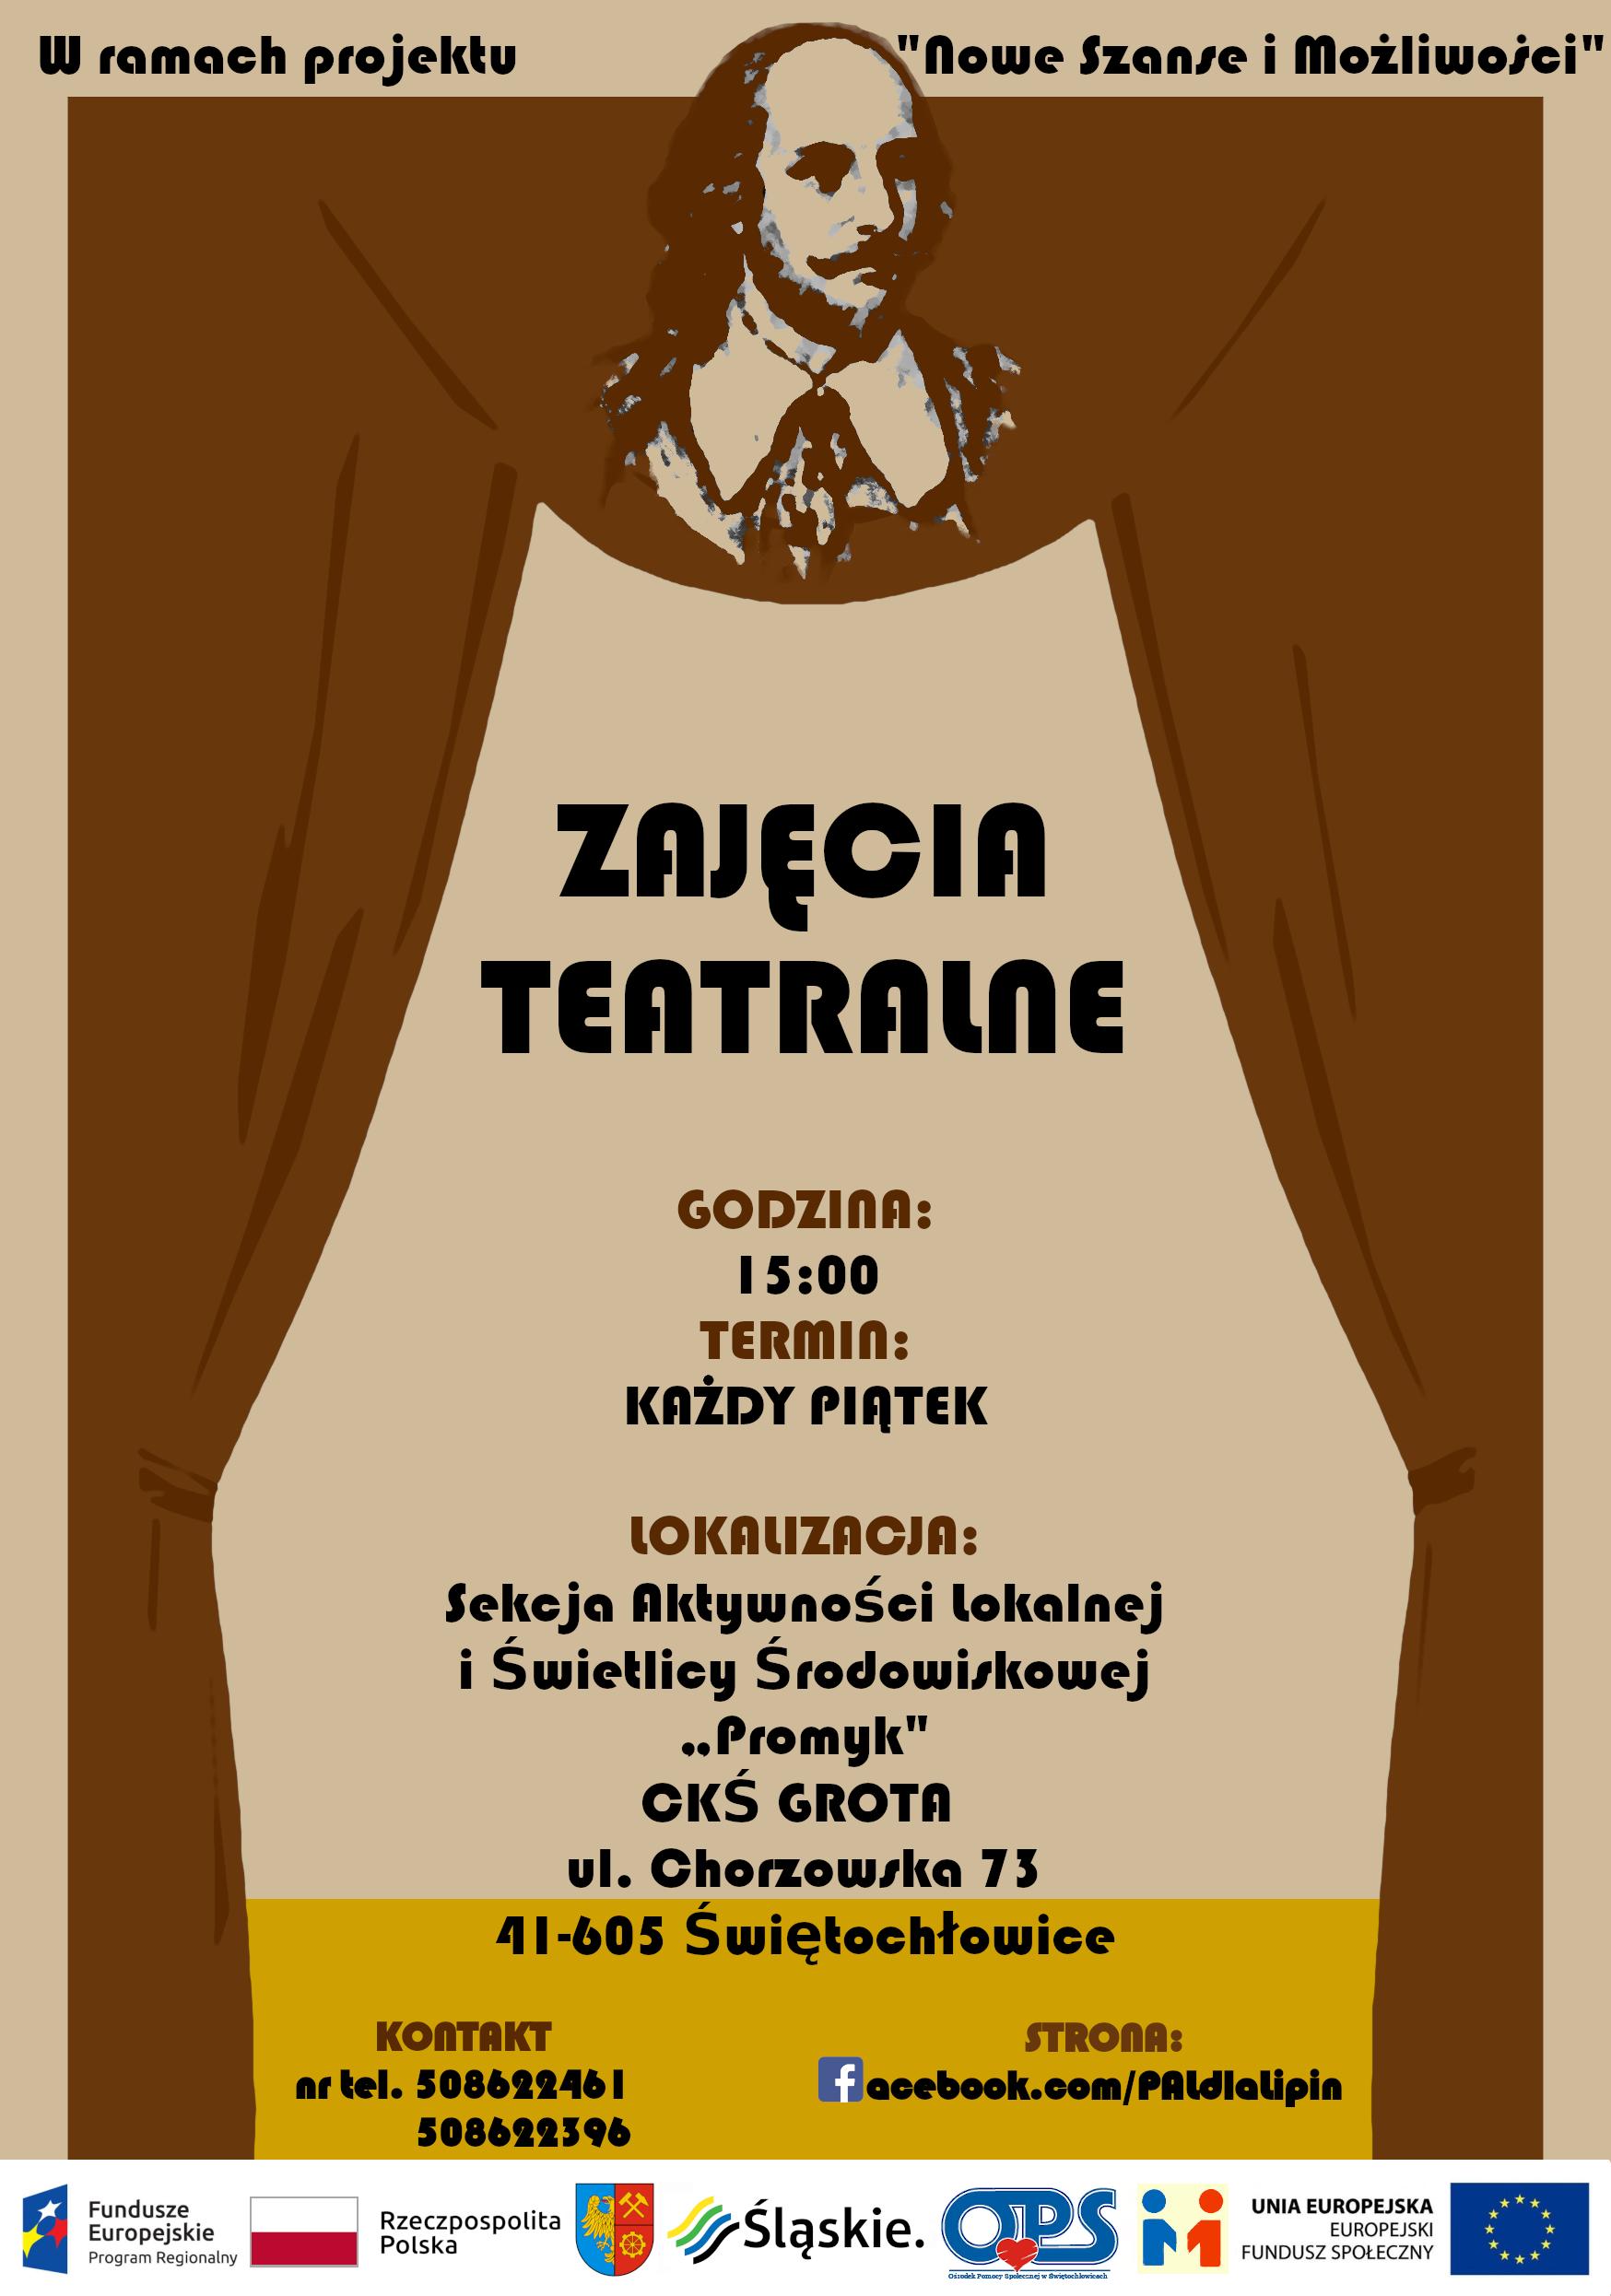 Zajęcia teatralne - plakat